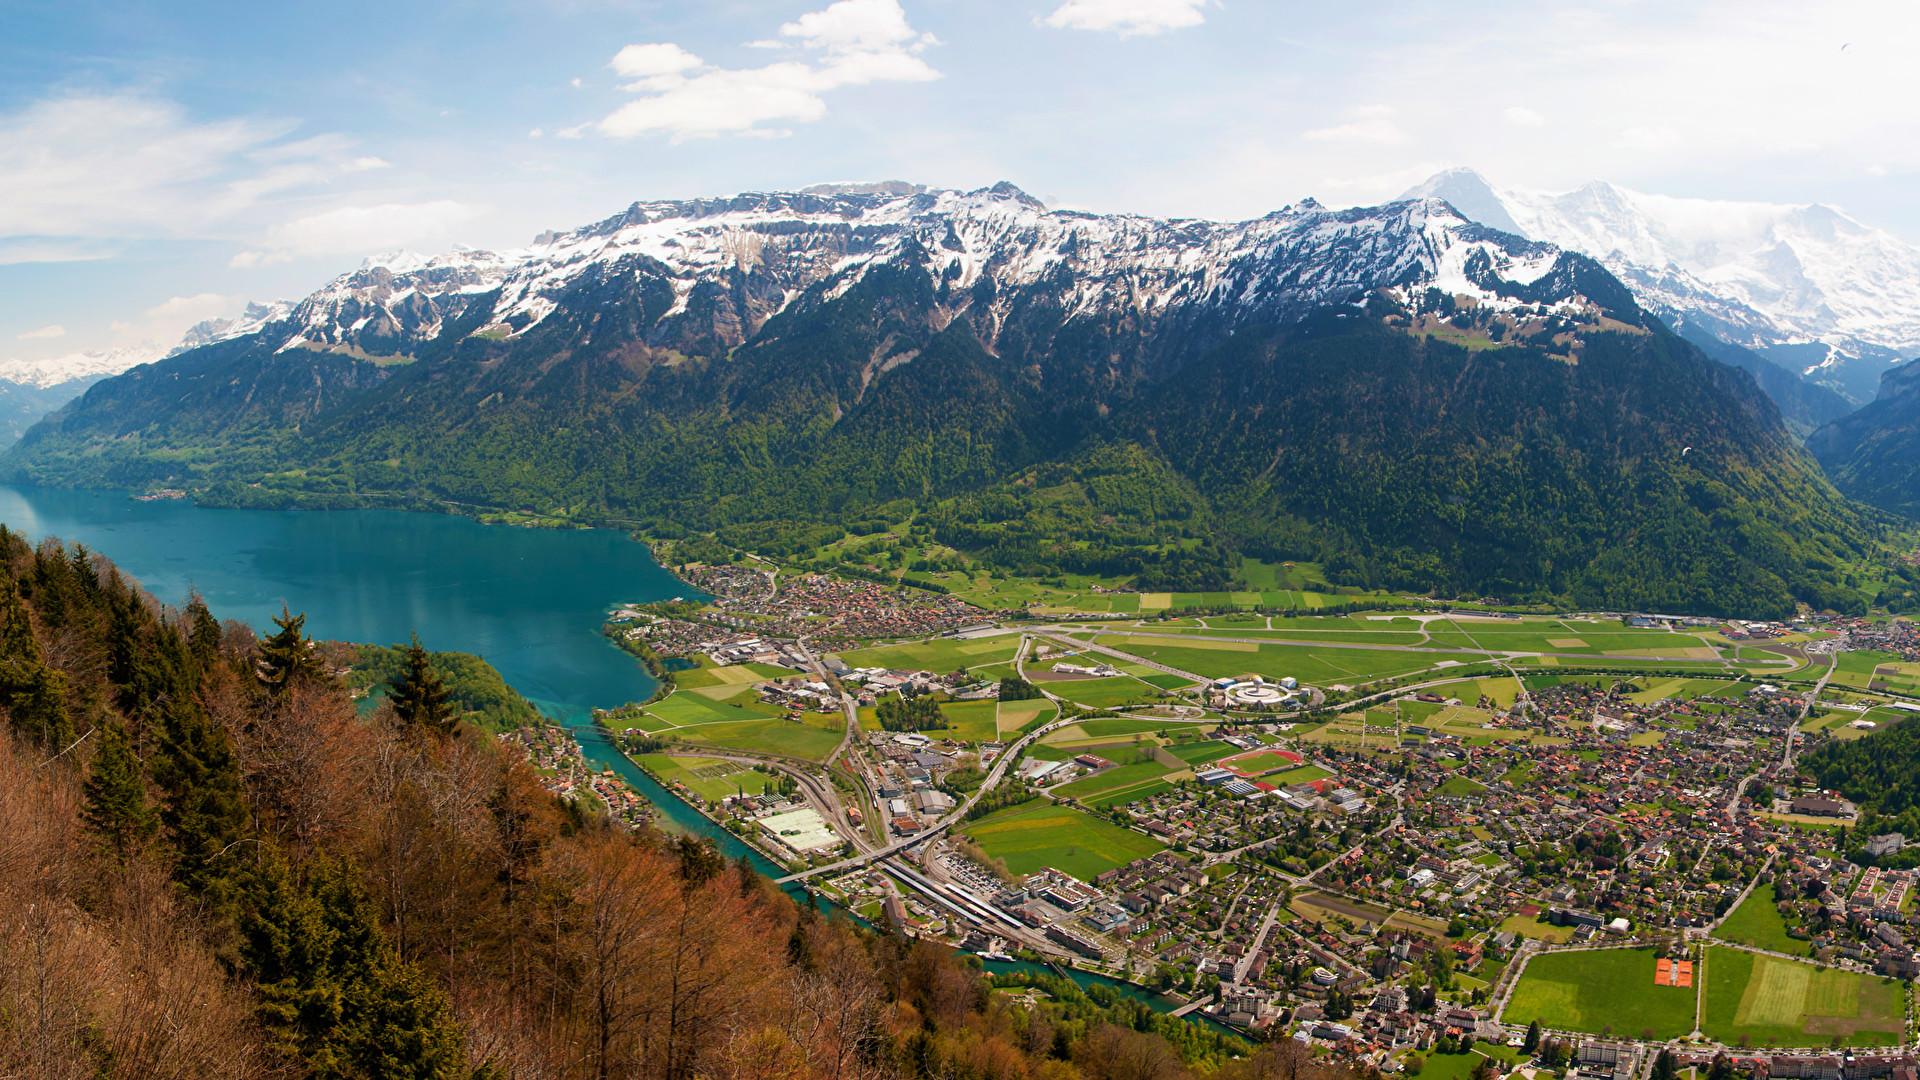 Interlaken   Switzerland   [3440x1440]   [OC] wallpapers 1920x1080